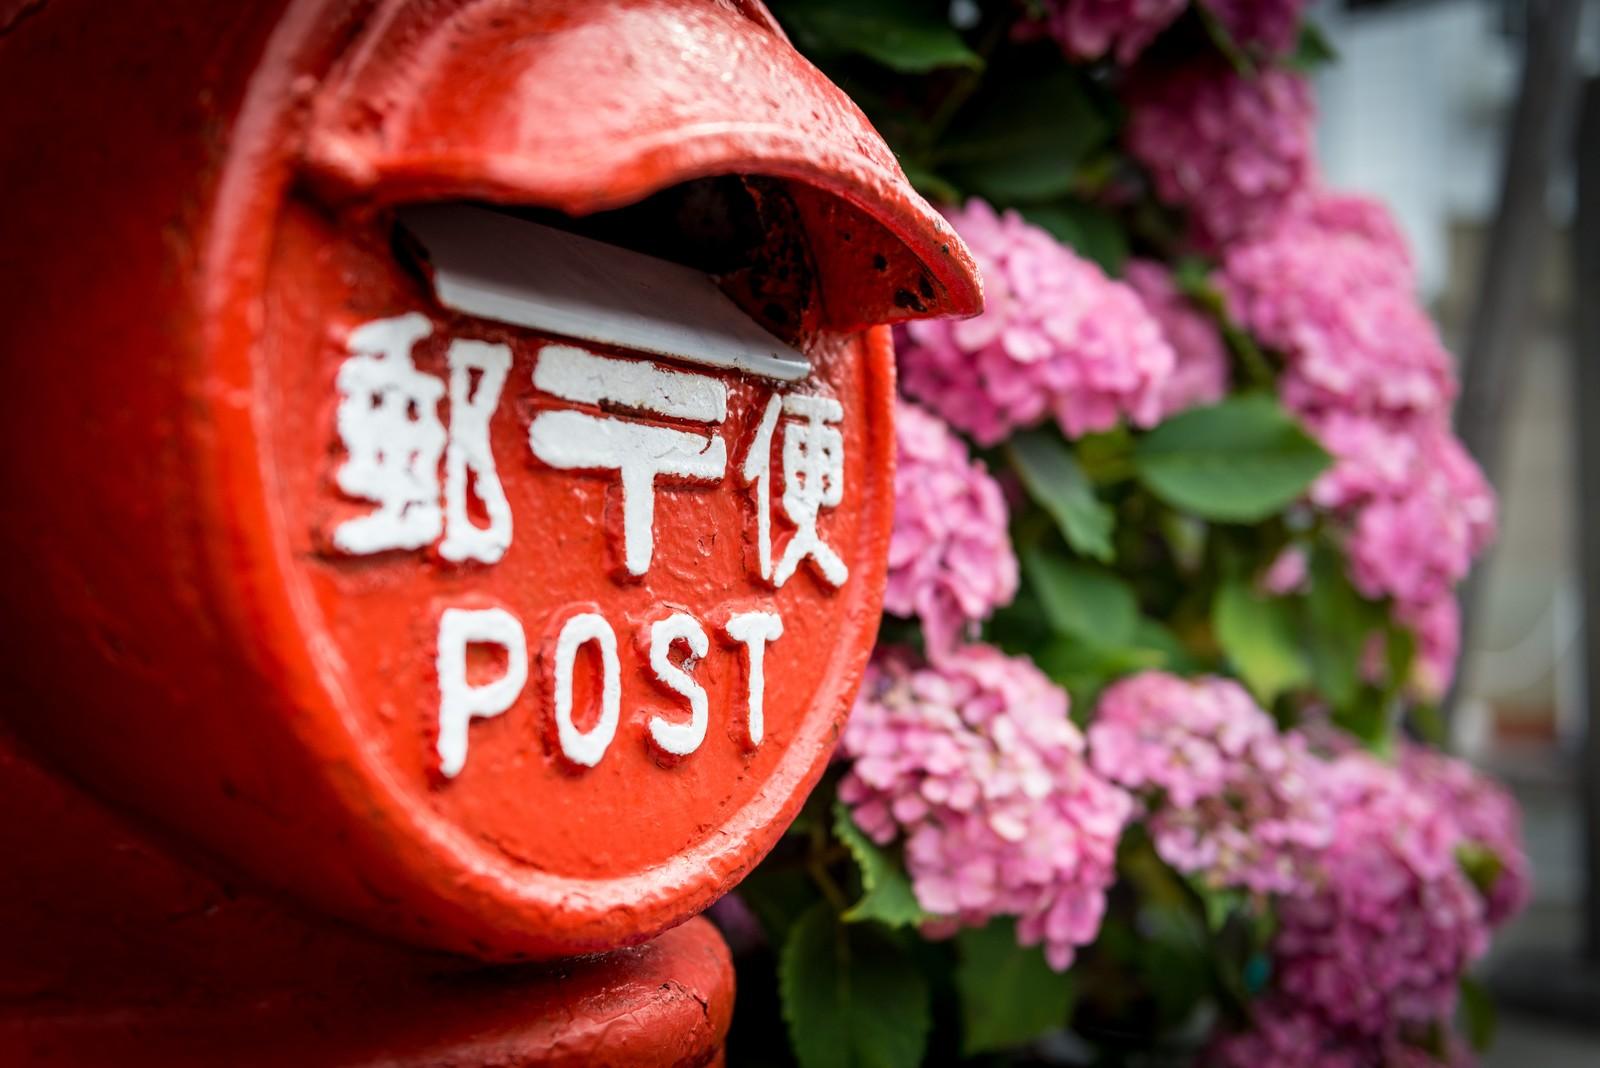 官製はがきとは?切手は不要だけど郵便はがきと違うの?